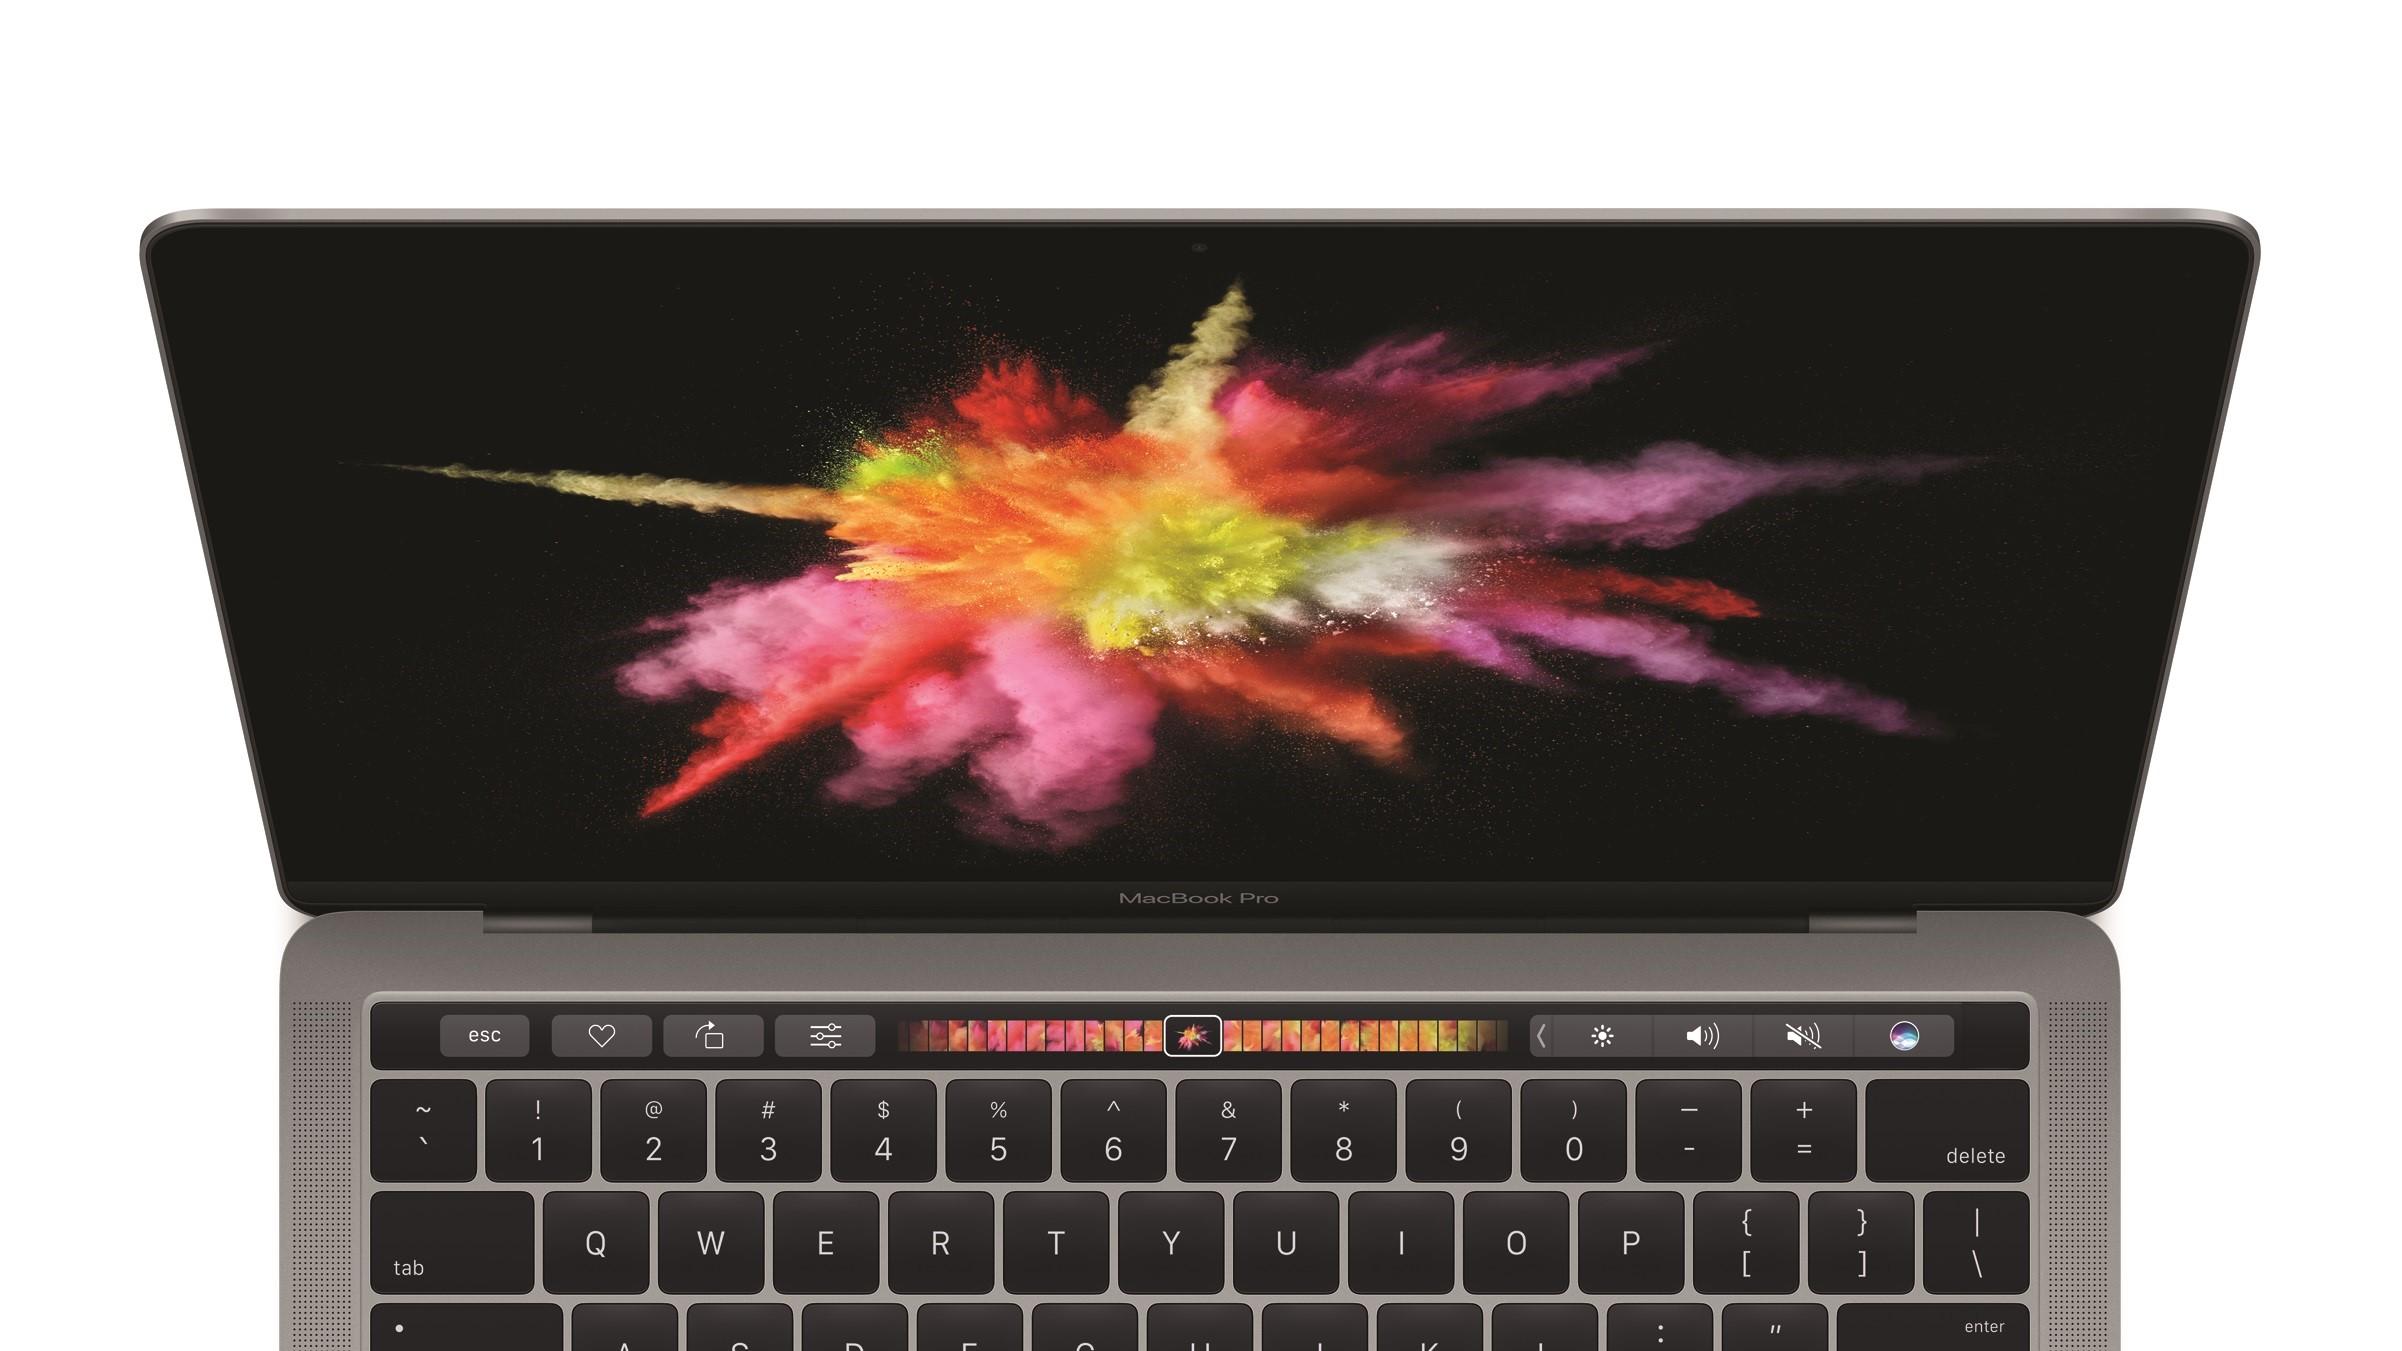 Flere eiere av nye MacBook Pro opplever en økning i batteritiden etter nyeste macOS-oppdatering.